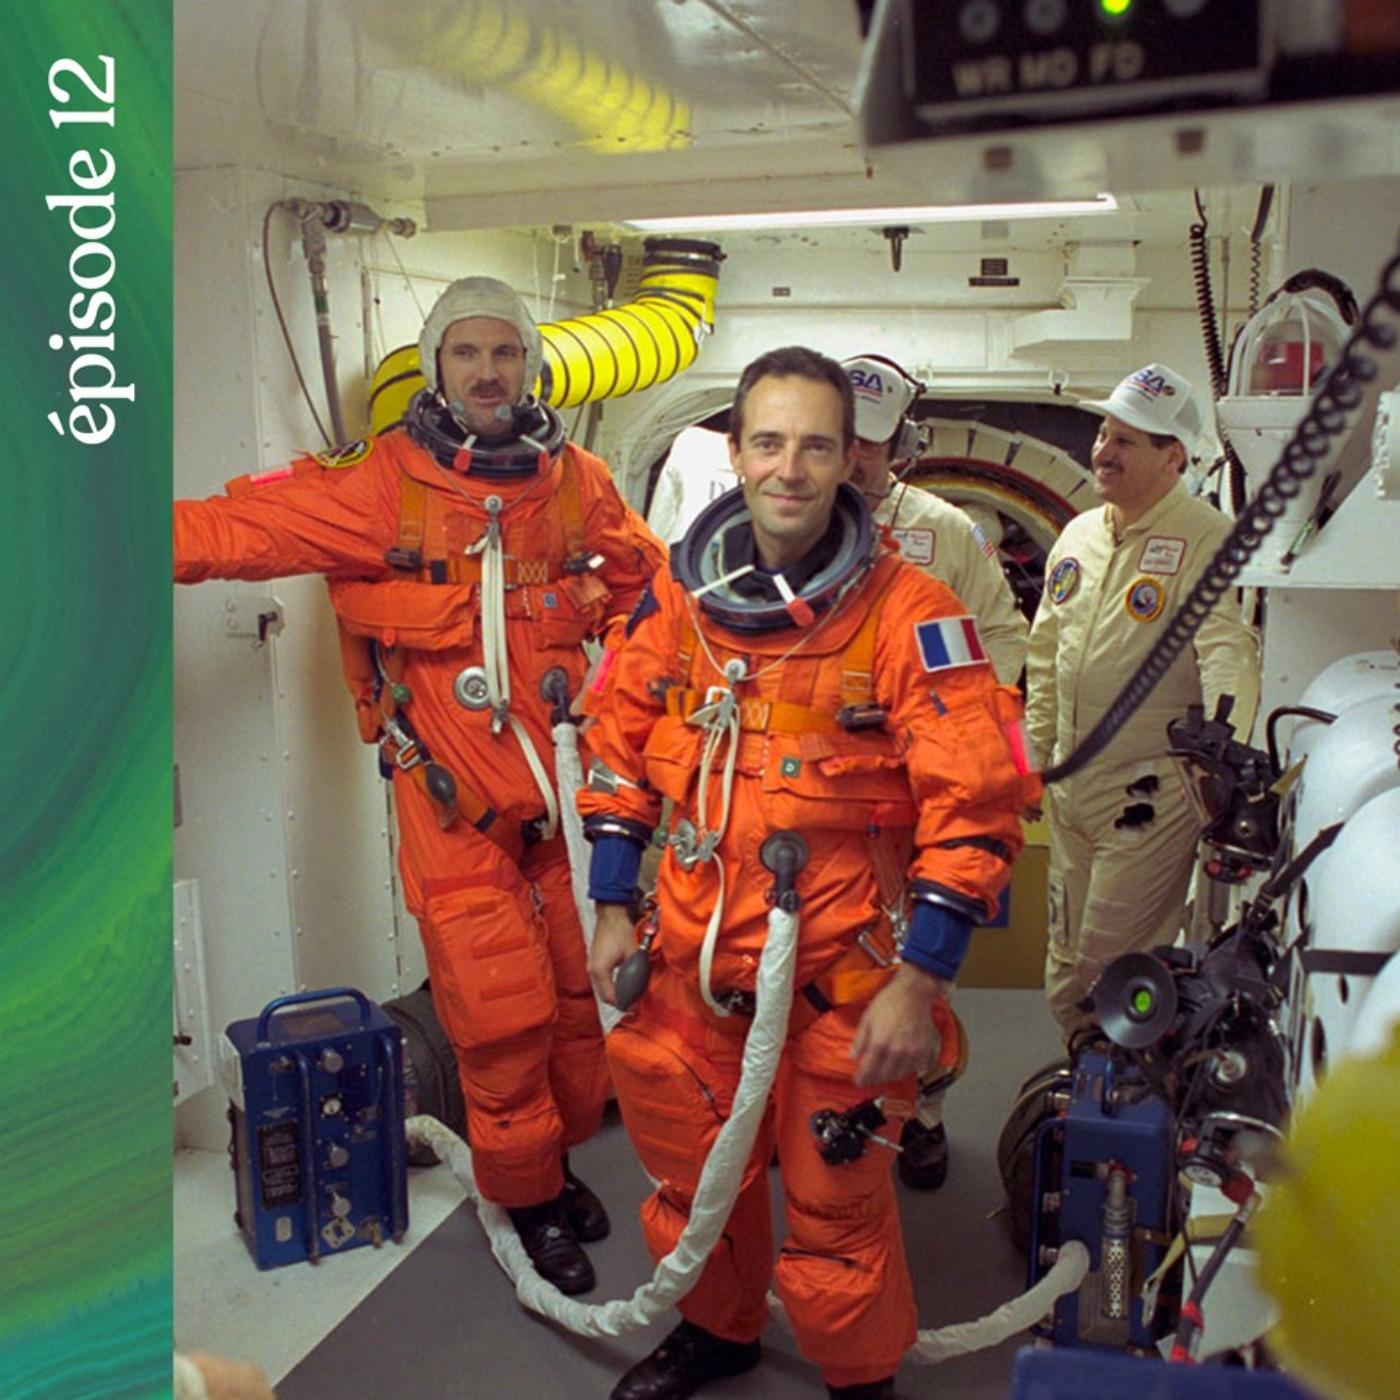 #12 — Mission d'urgence dans les étoiles, avec Jean-François Clervoy